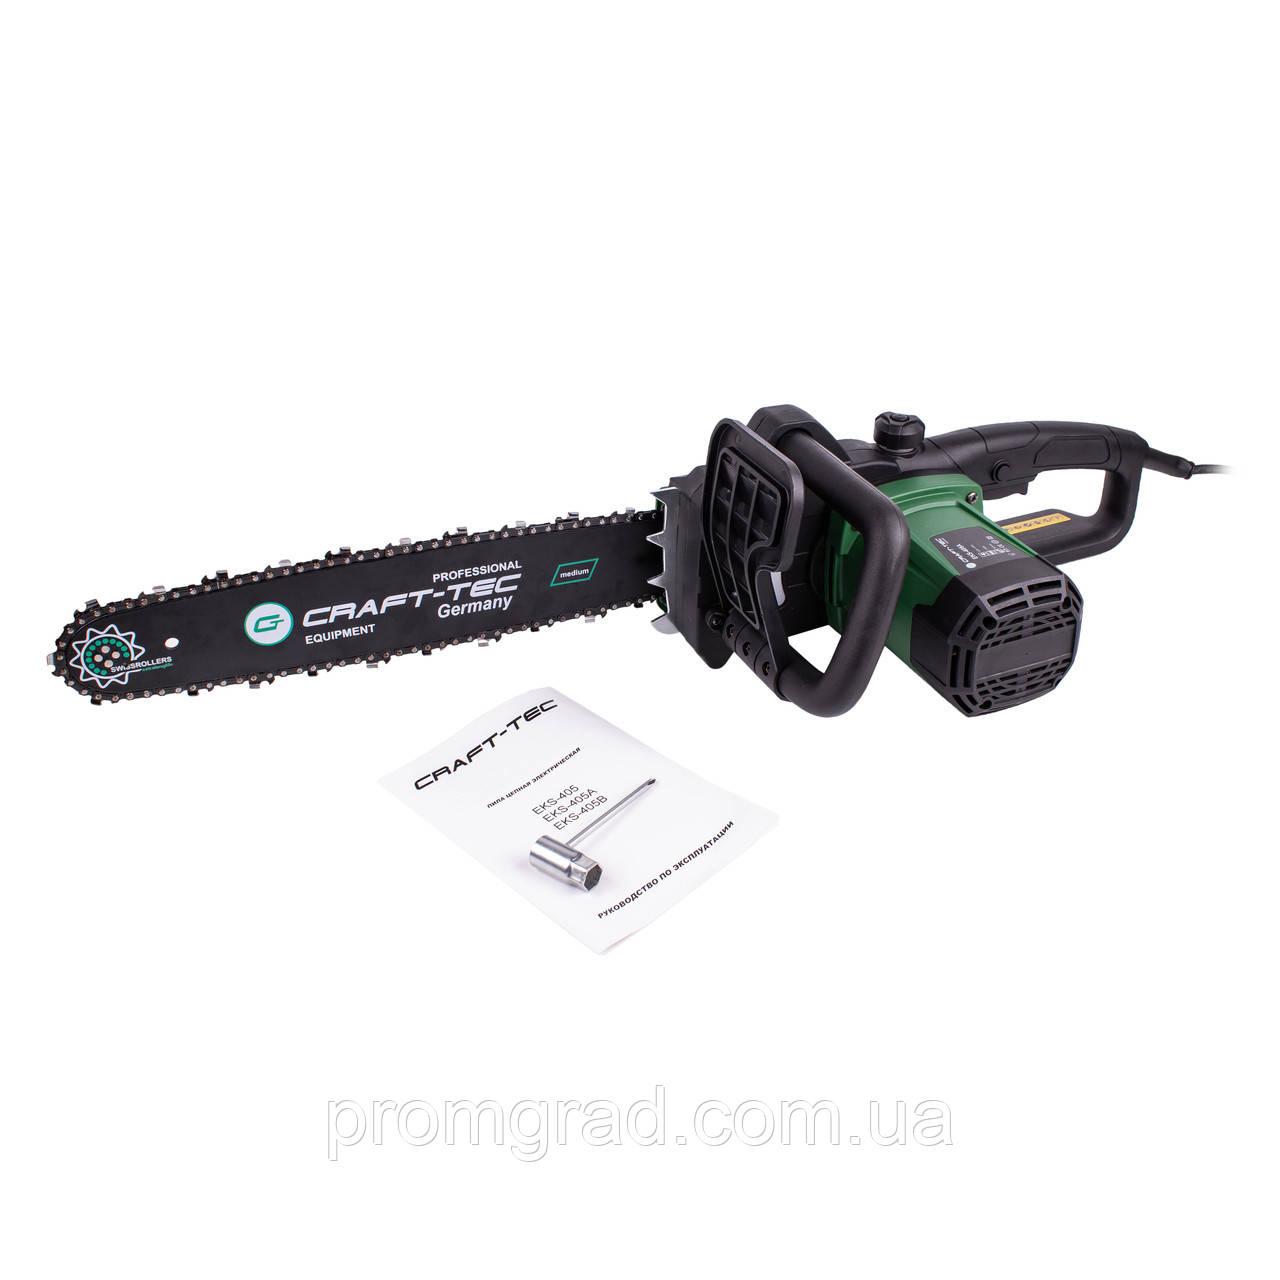 Електропила Craft-tec EKS-405A